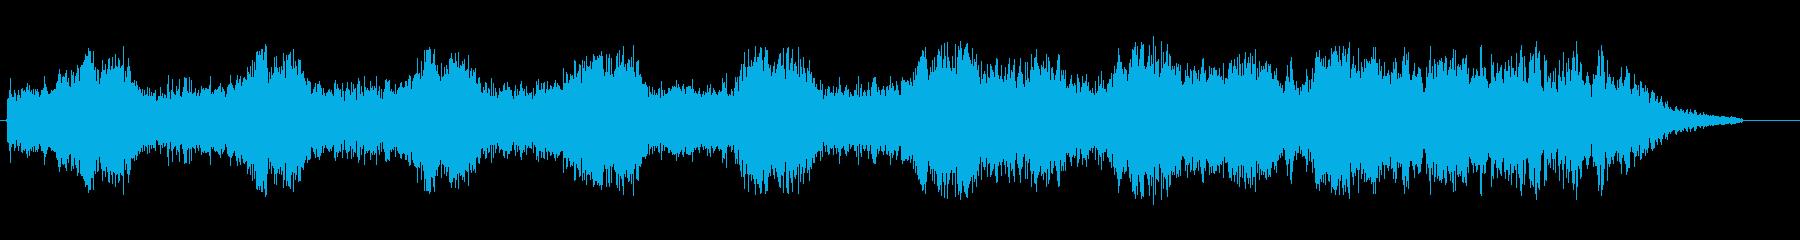 つくつくボウシ(セミの鳴き声)の再生済みの波形